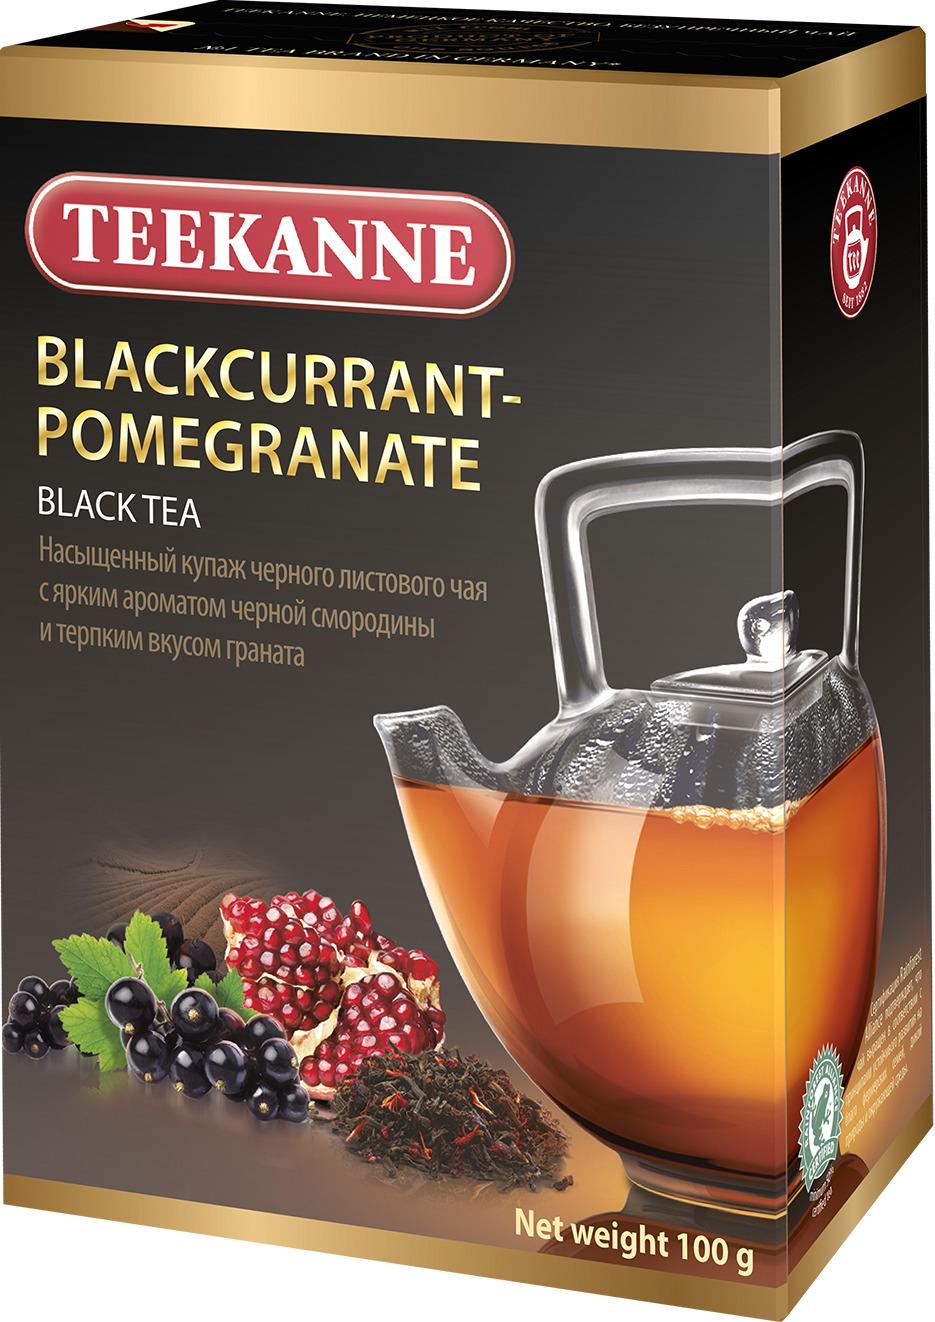 Чай листовой Teekanne Blackcurrant-Pomegranate черный ароматизированный, 100 г чай листовой teekanne legend 1882 черный 150 г